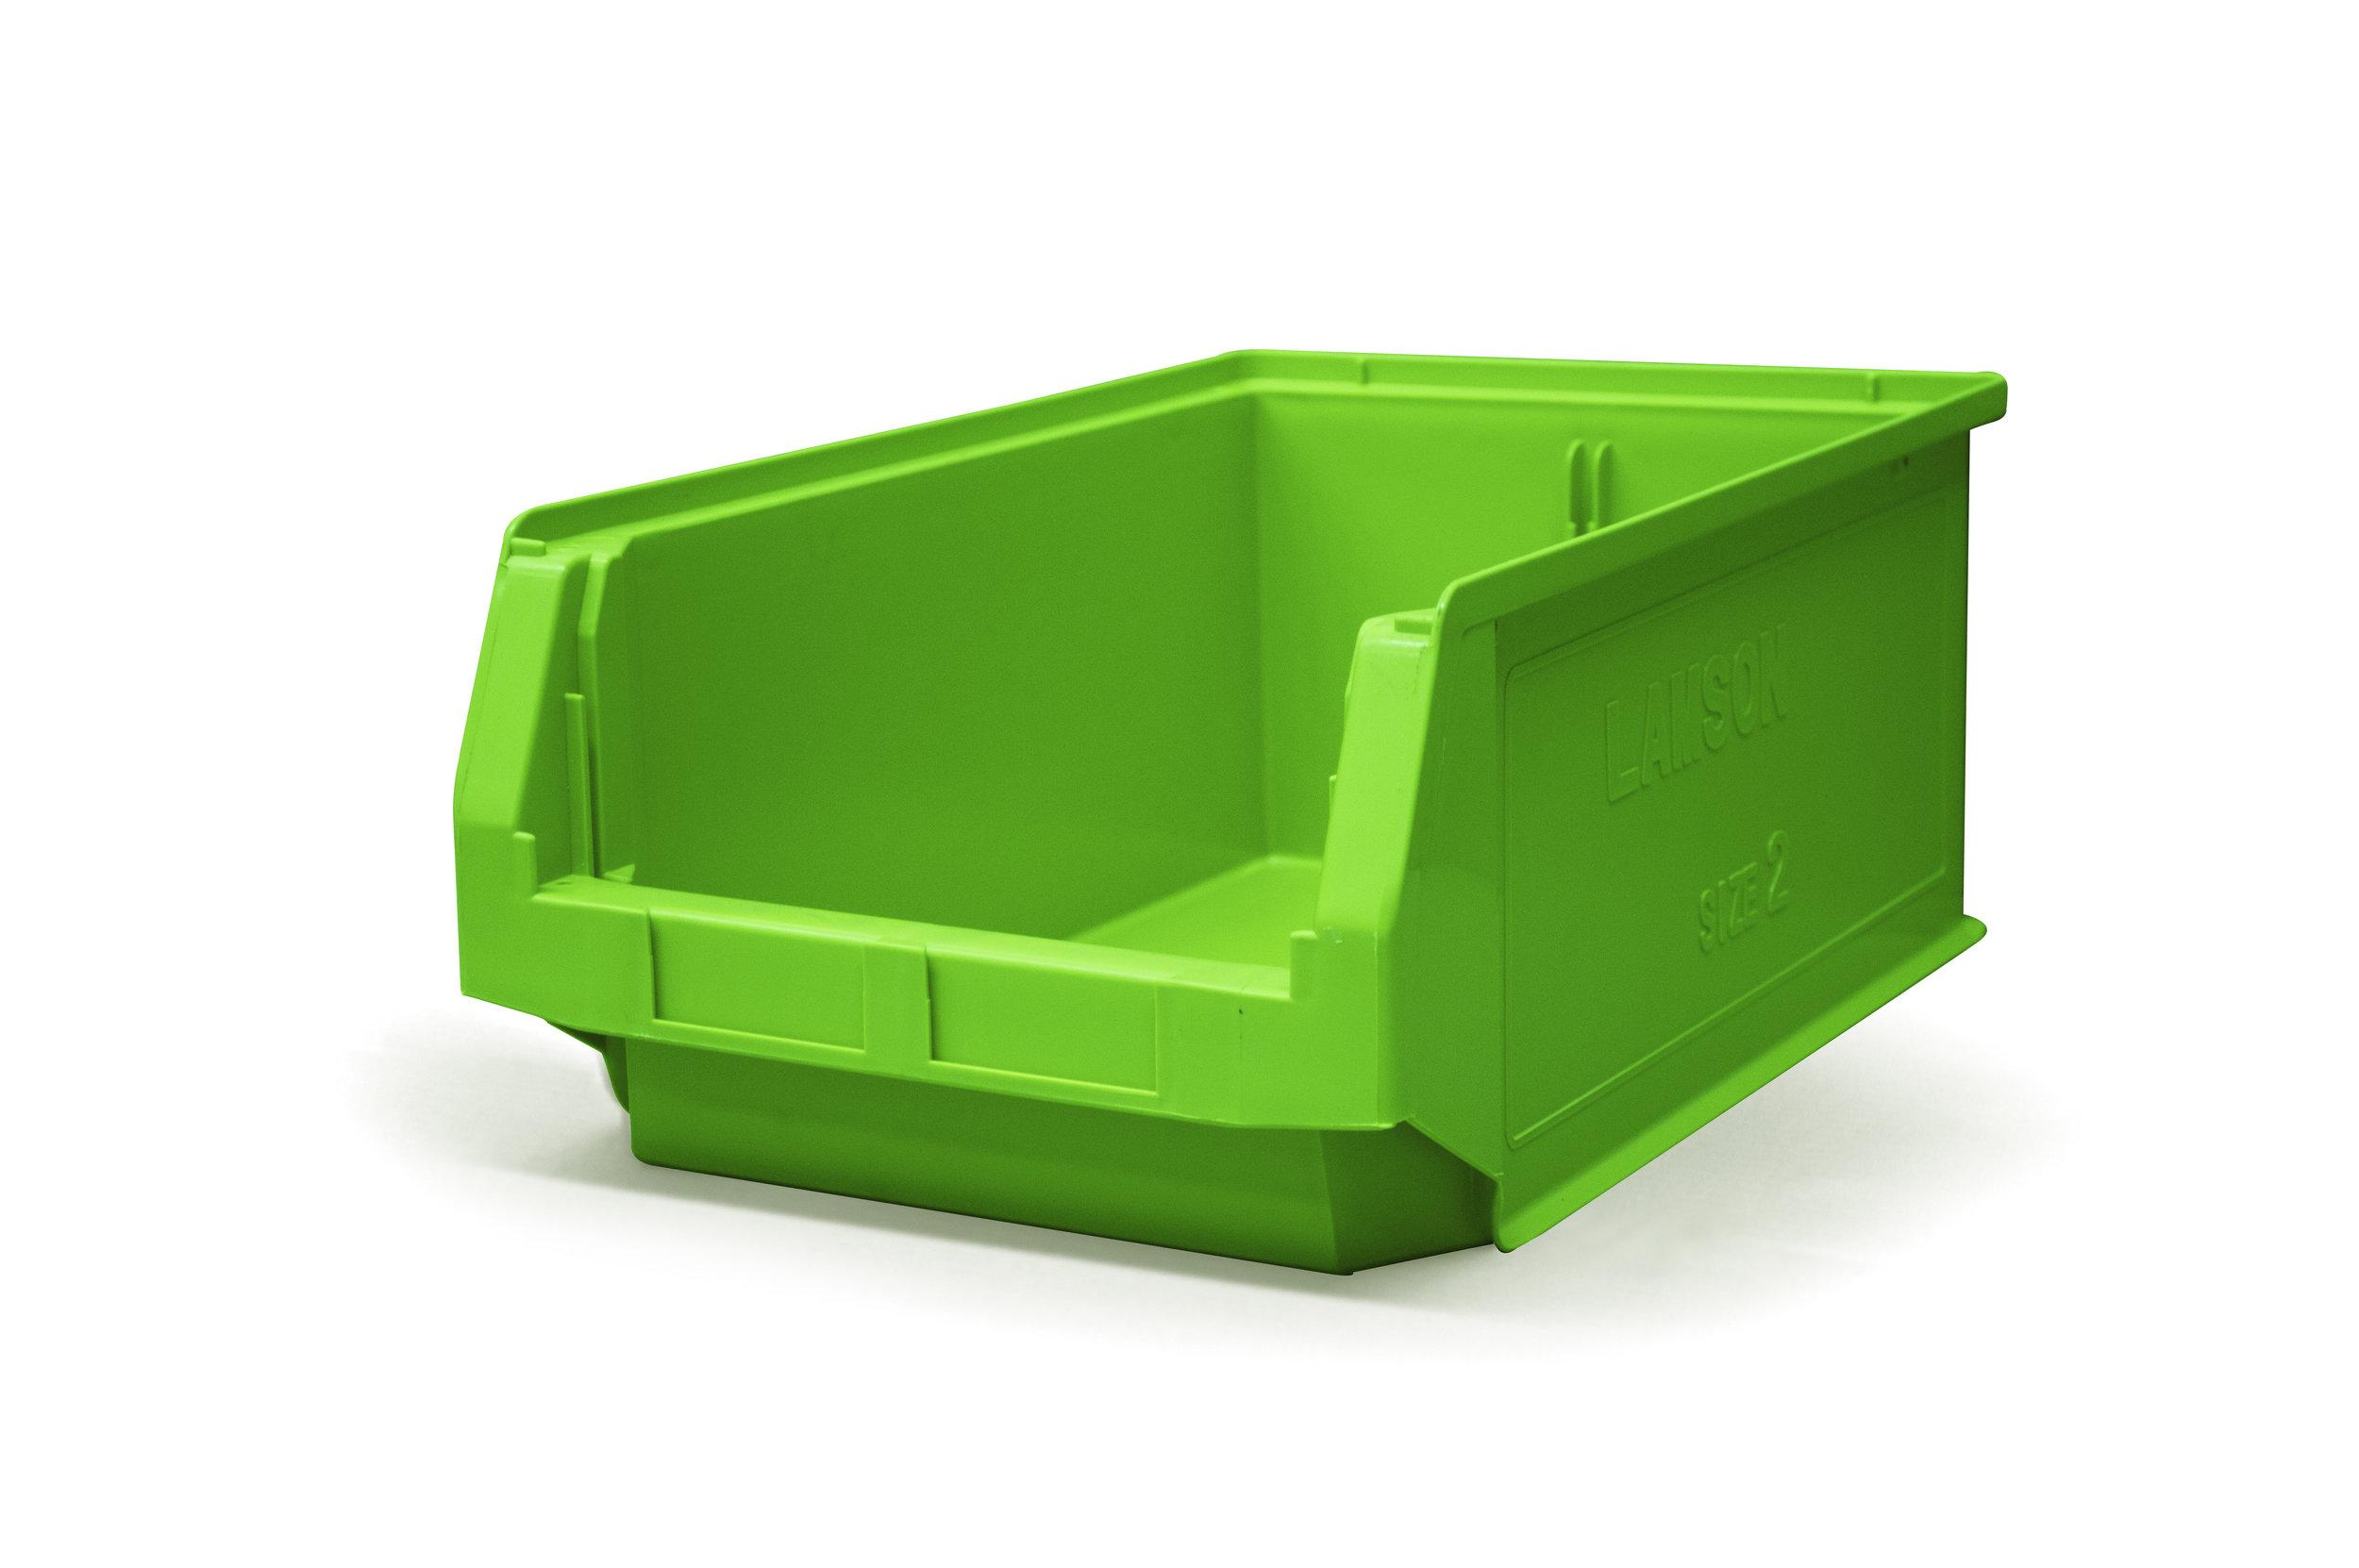 Size 2 plastic bins - 200mm x 310mm x 500mm